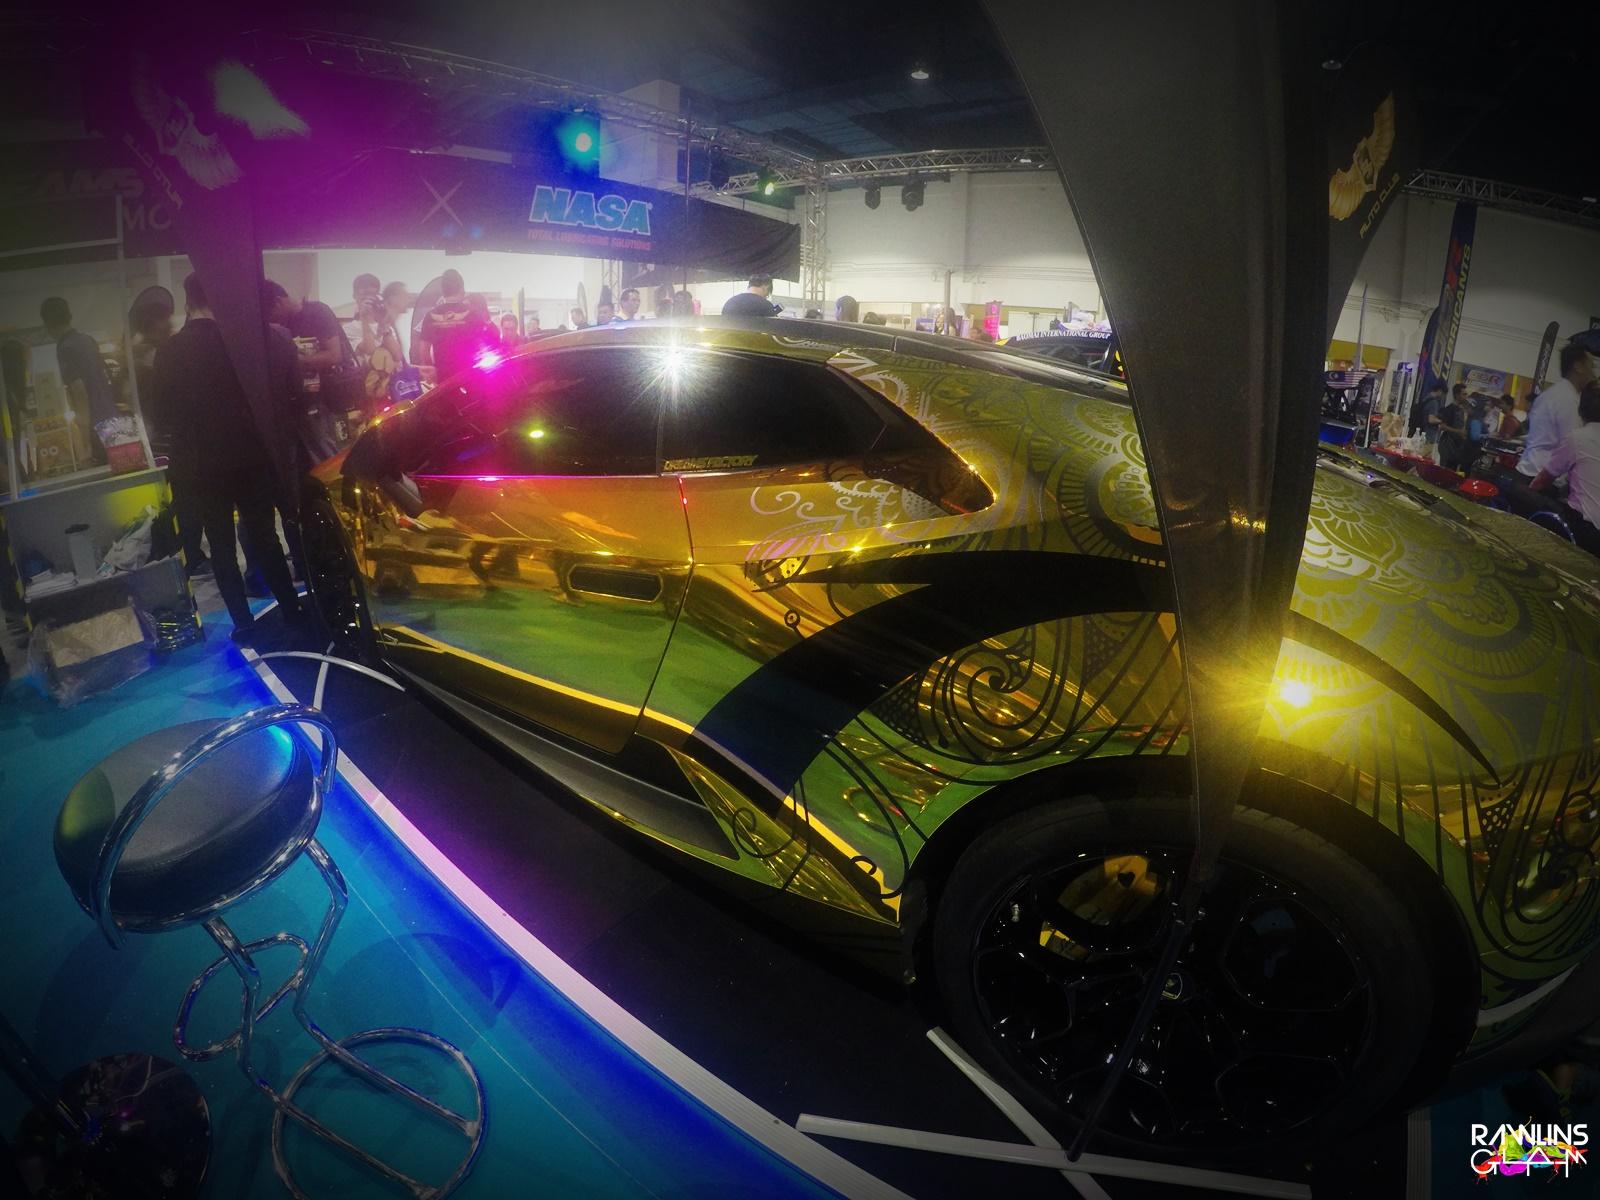 4th Dream Car Expo, Auto Accessories, Auto Show, byrawlins, Ferrari, Golden Land, Lamborghini, Porsche, Rawlins GLAM,